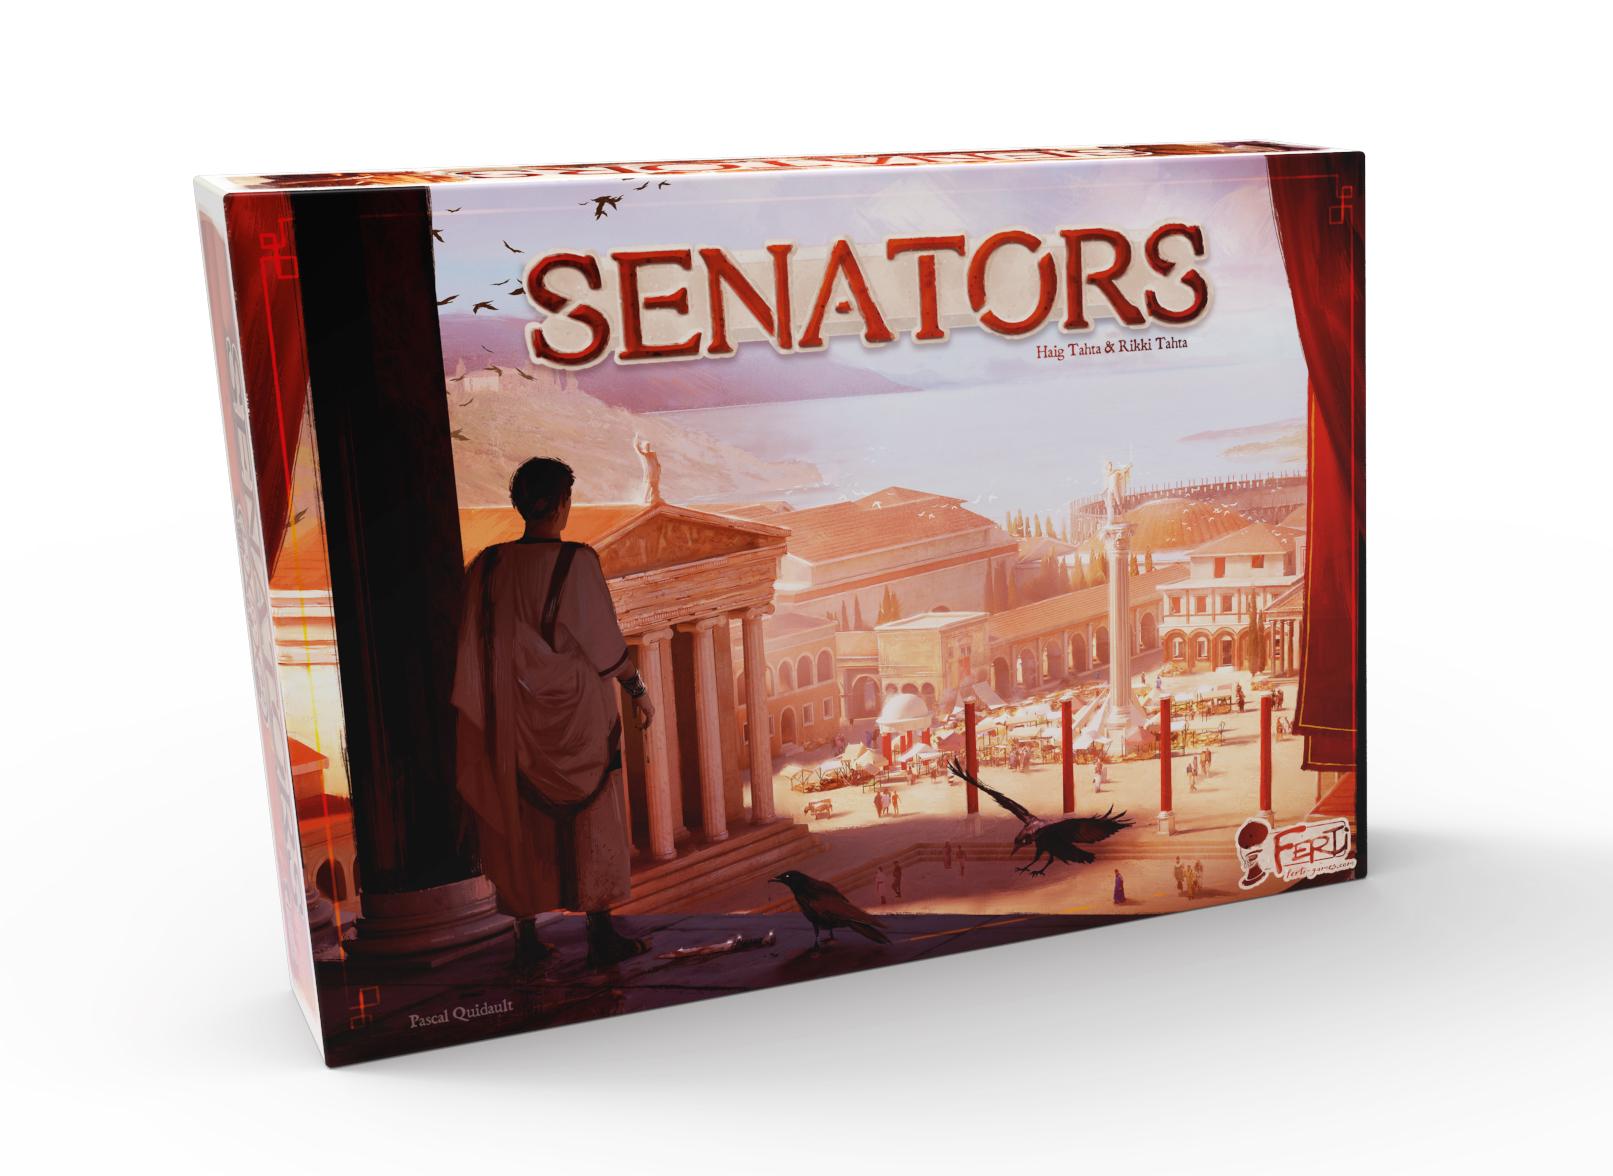 Senators_Box.jpg